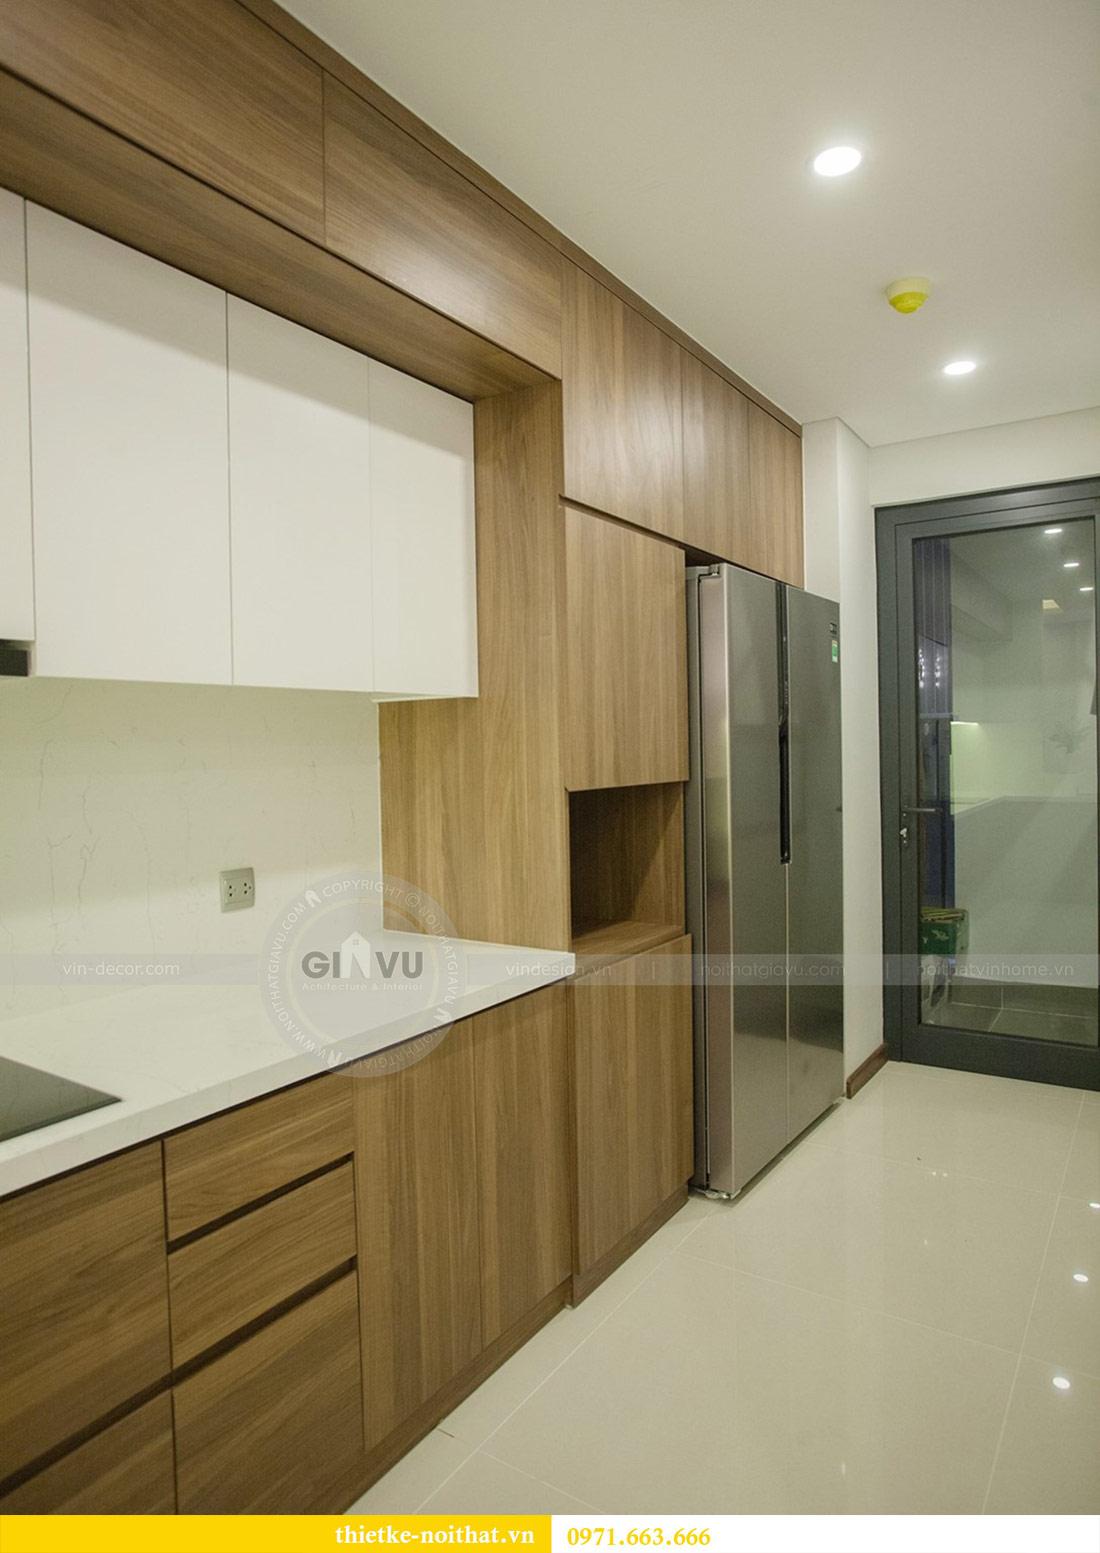 Thi công nội thất chung cư Ngoại Giao Đoàn N01T4 căn 06 - chị Hương 9